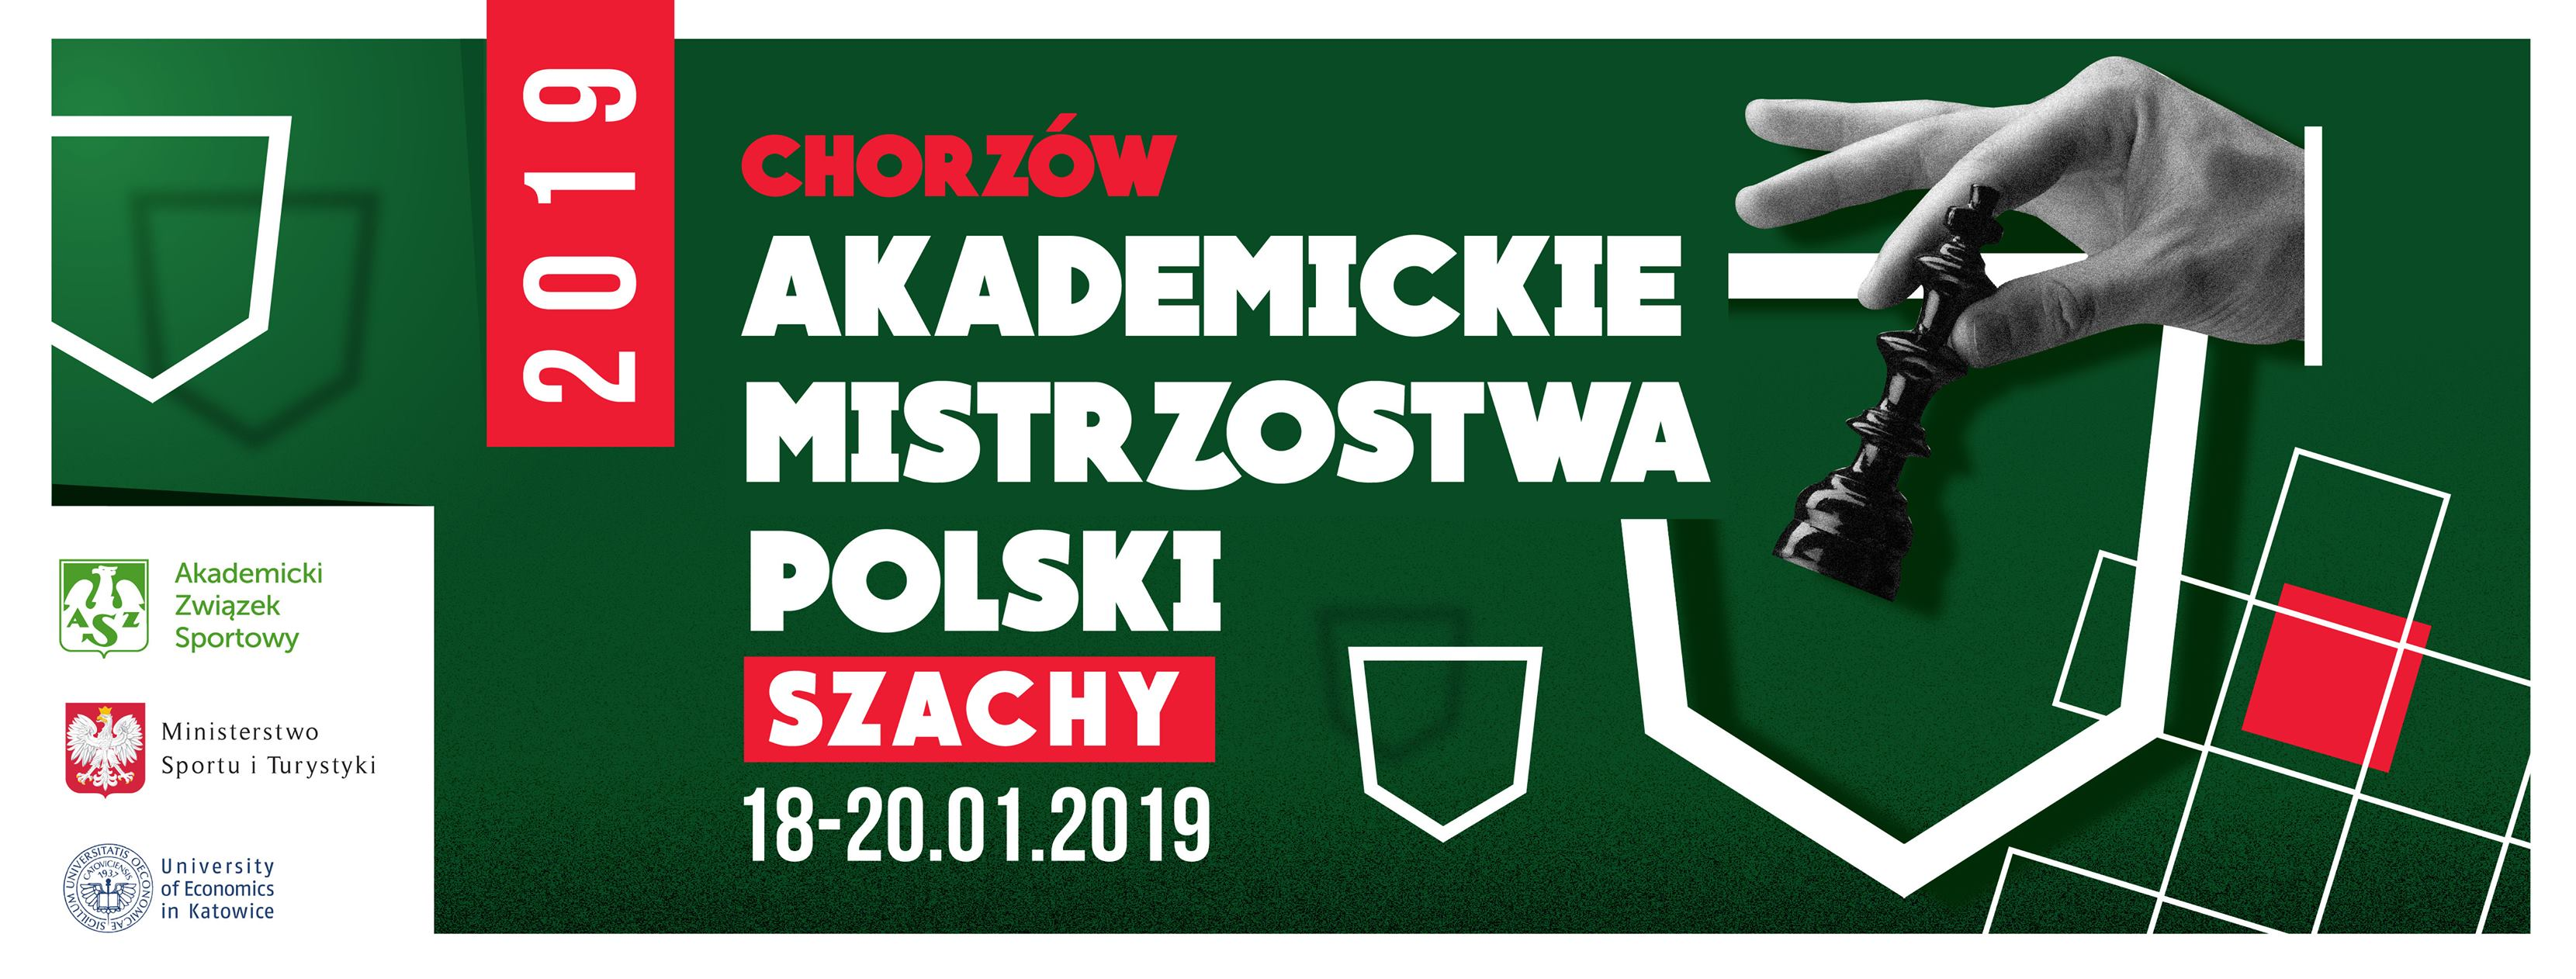 Akademickie_Mistrzostwa_Polski_2019_Grafika